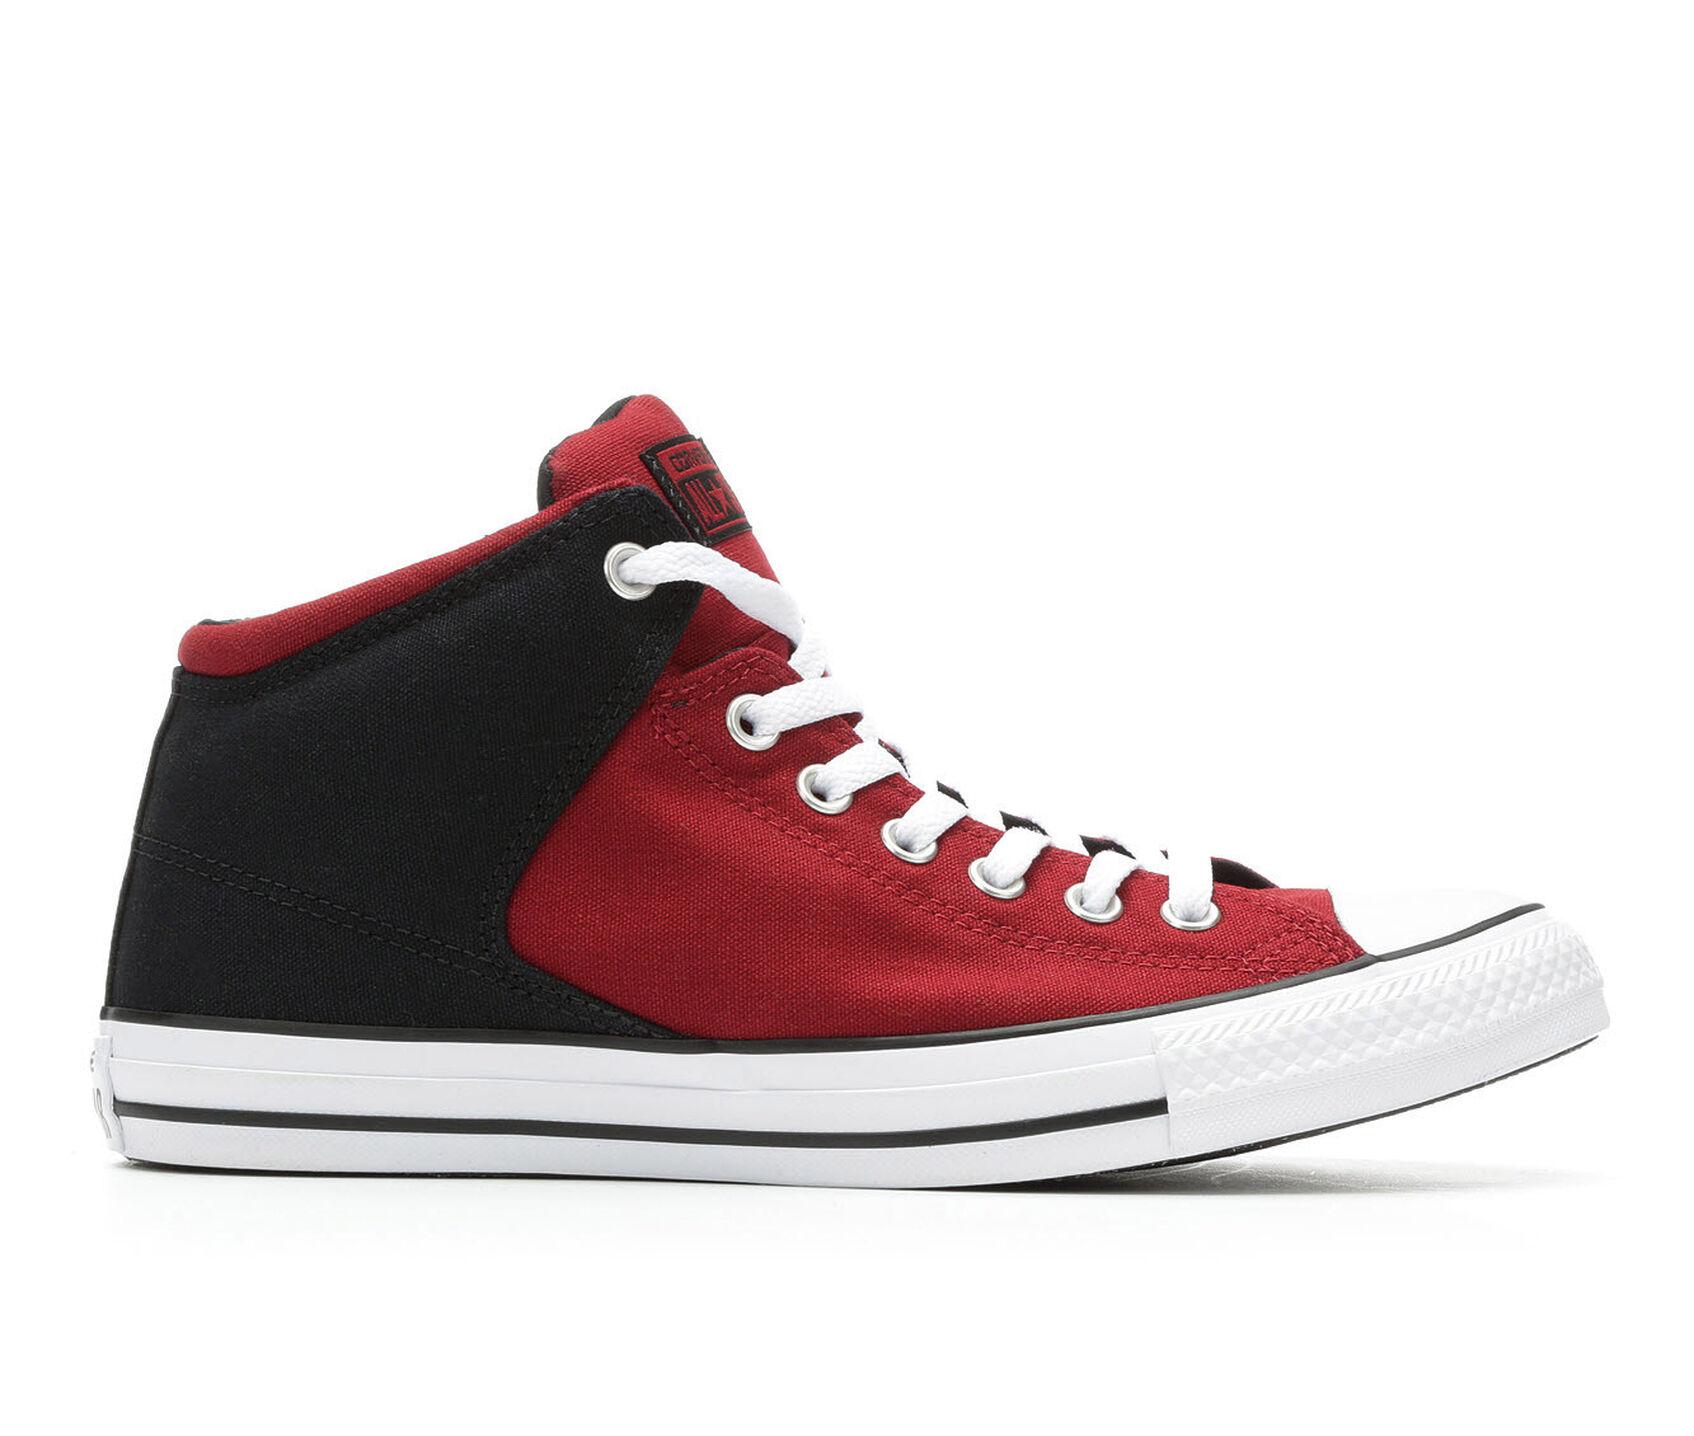 42ef440c98f Men s Converse Chuck Taylor High Street Hi Colorblock Sneakers ...